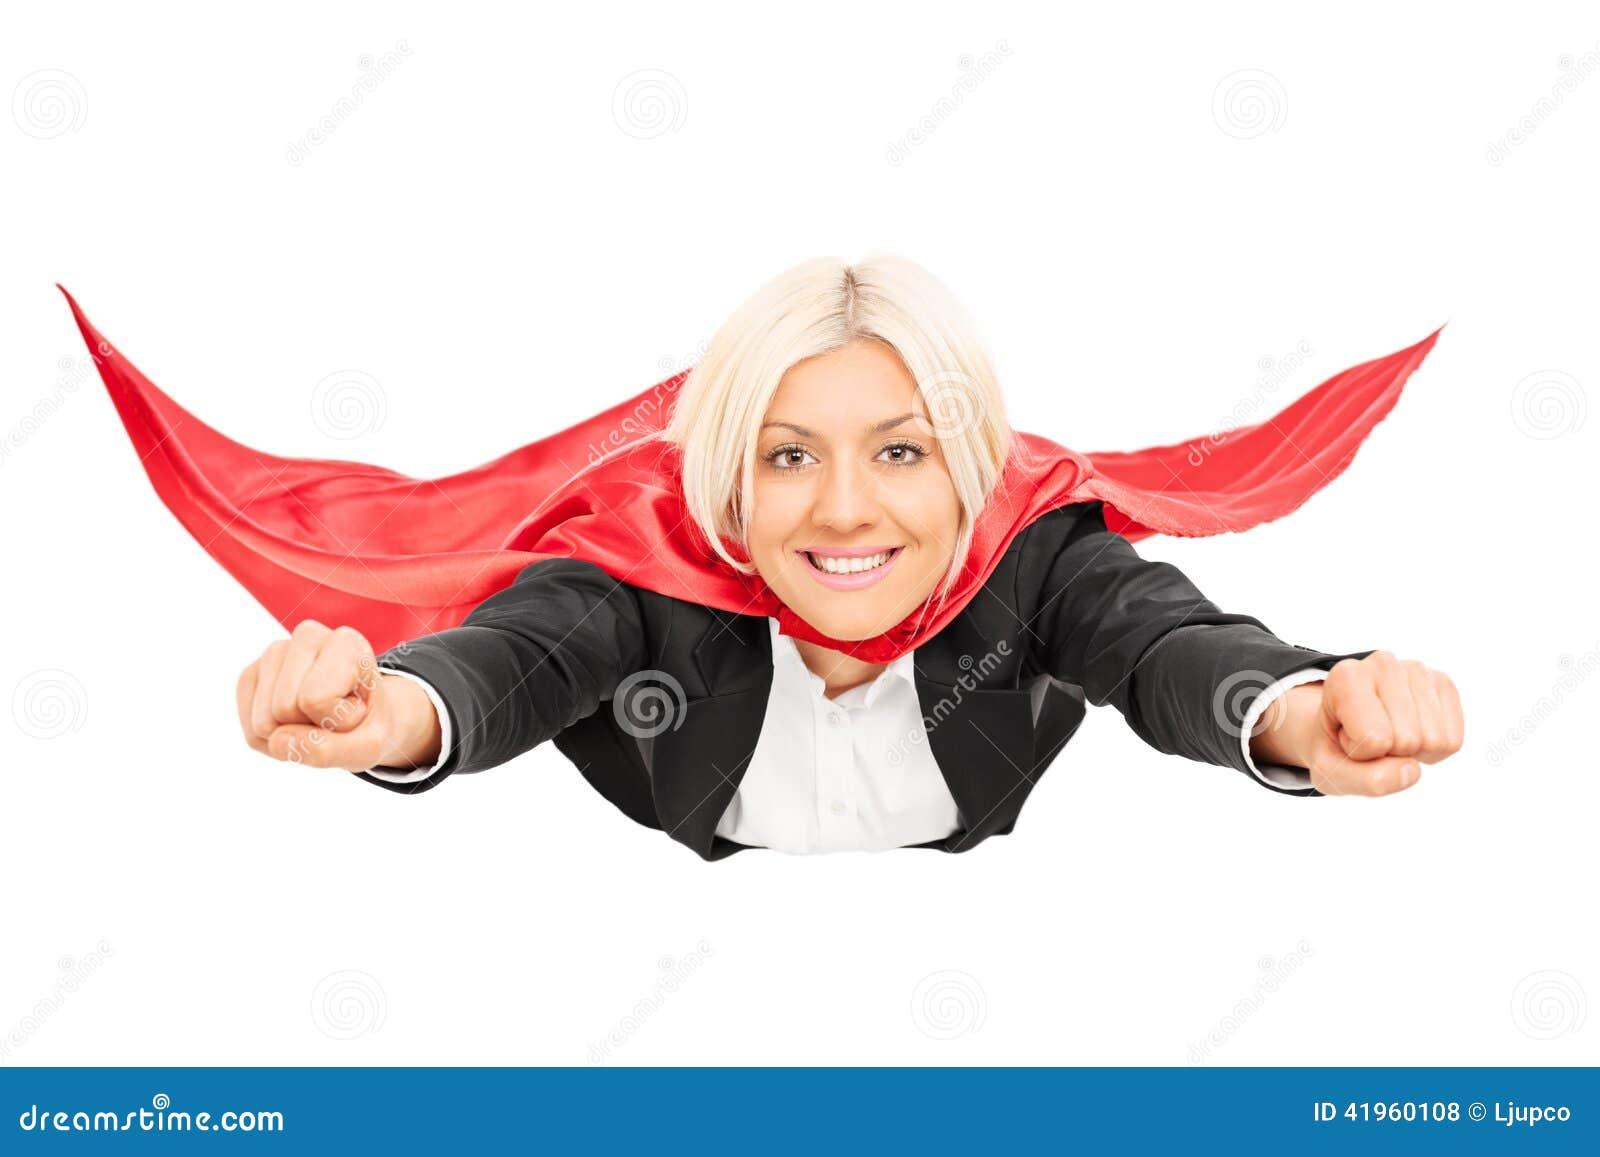 Female Superhero Flying Isolated On White Background Stock